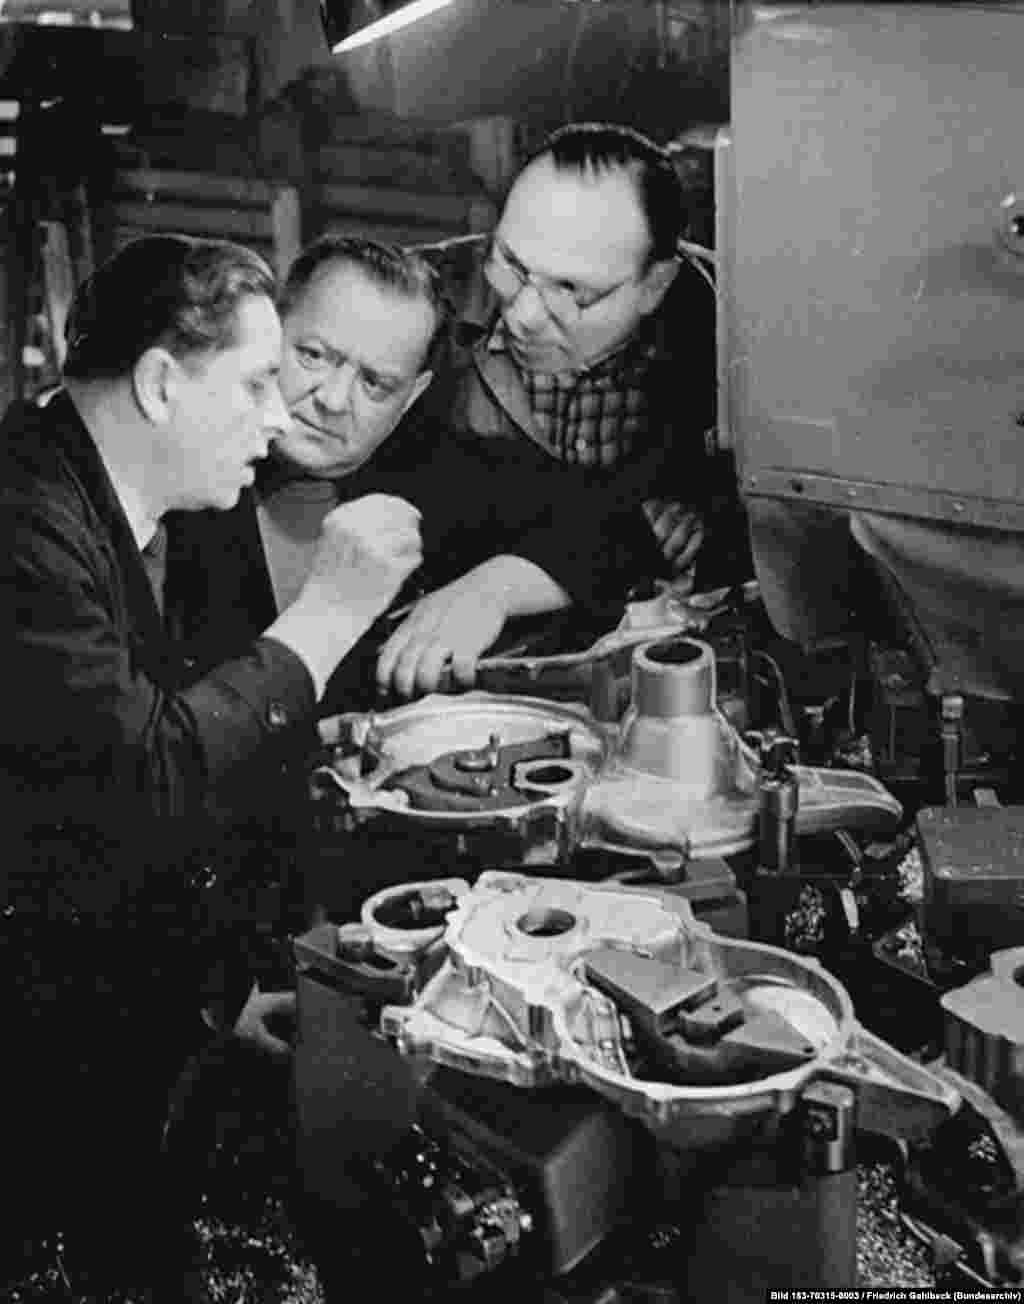 """В разгар холодной войны Восточная Германия столкнулась с проблемой. Вернее, проблем у нее было много, но нехватка сырья была из них самой насущной. Поскольку стали катастрофически не хватало, инженерам, перед которыми поставили задачу создать """"народный автомобиль"""", пришлось задействовать всю свою изобретательность."""